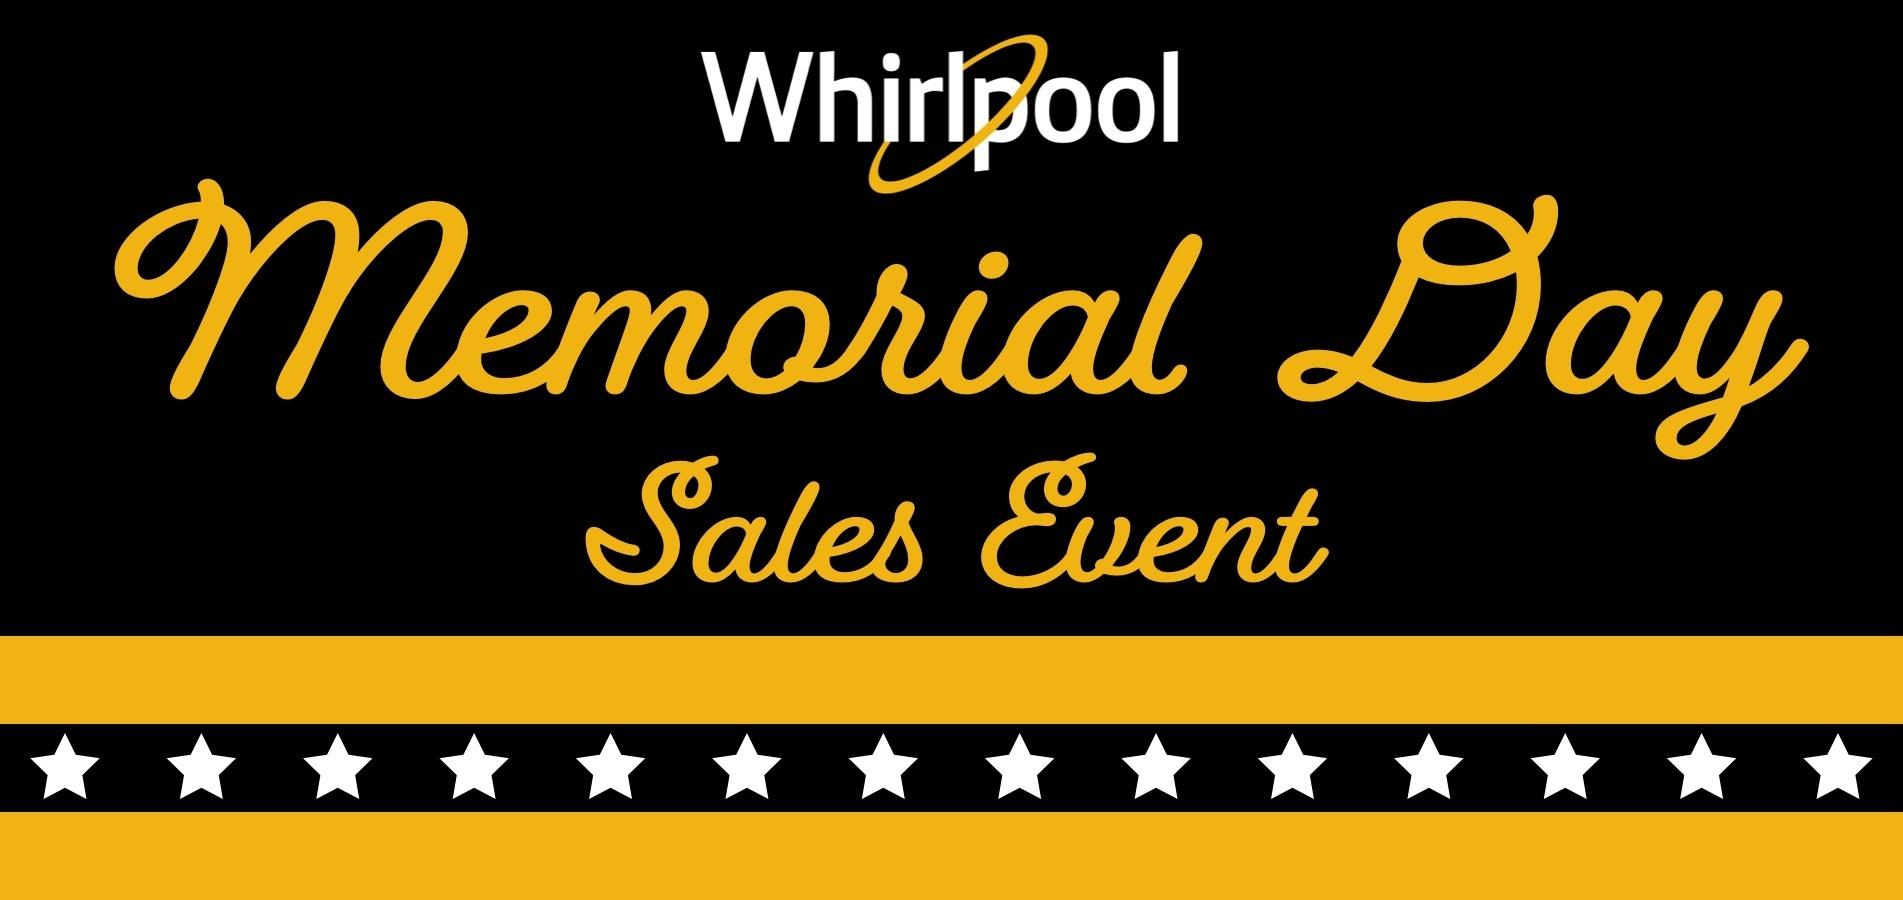 Whirlpool-memorial-day-2021